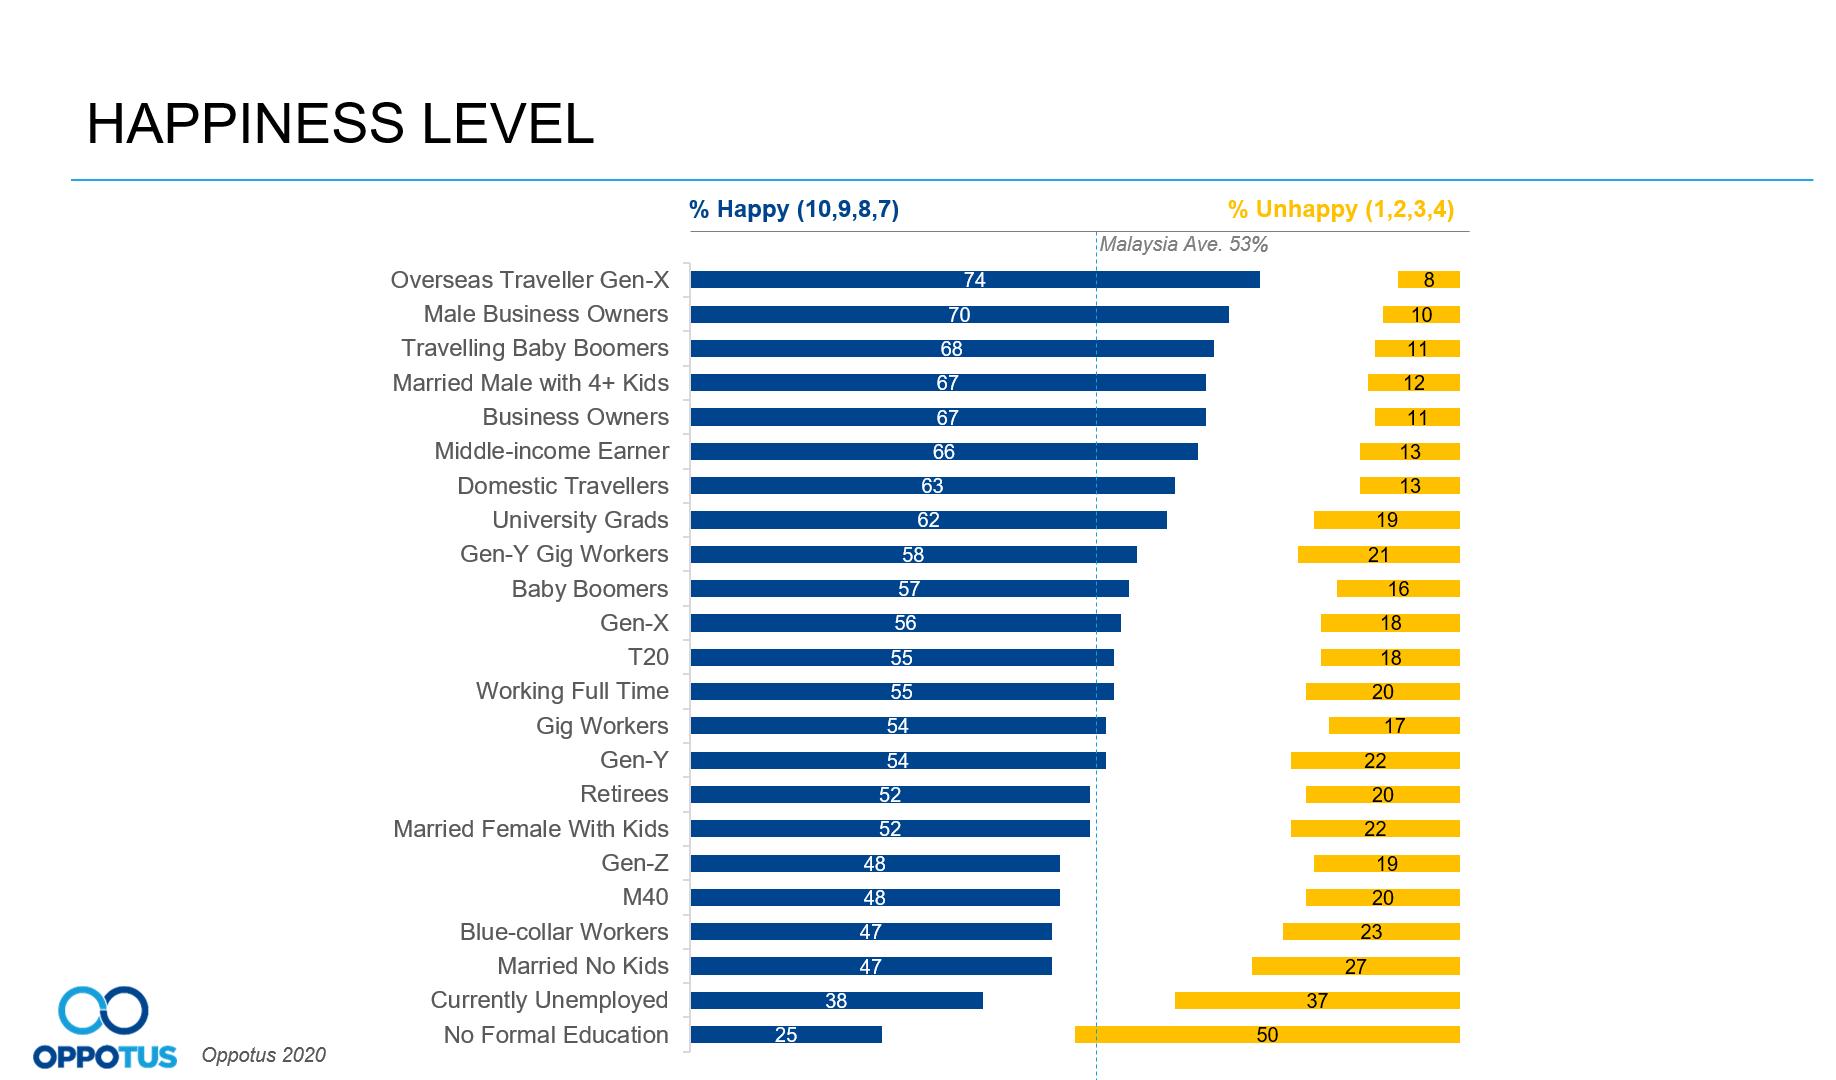 Malaysian happiness chart